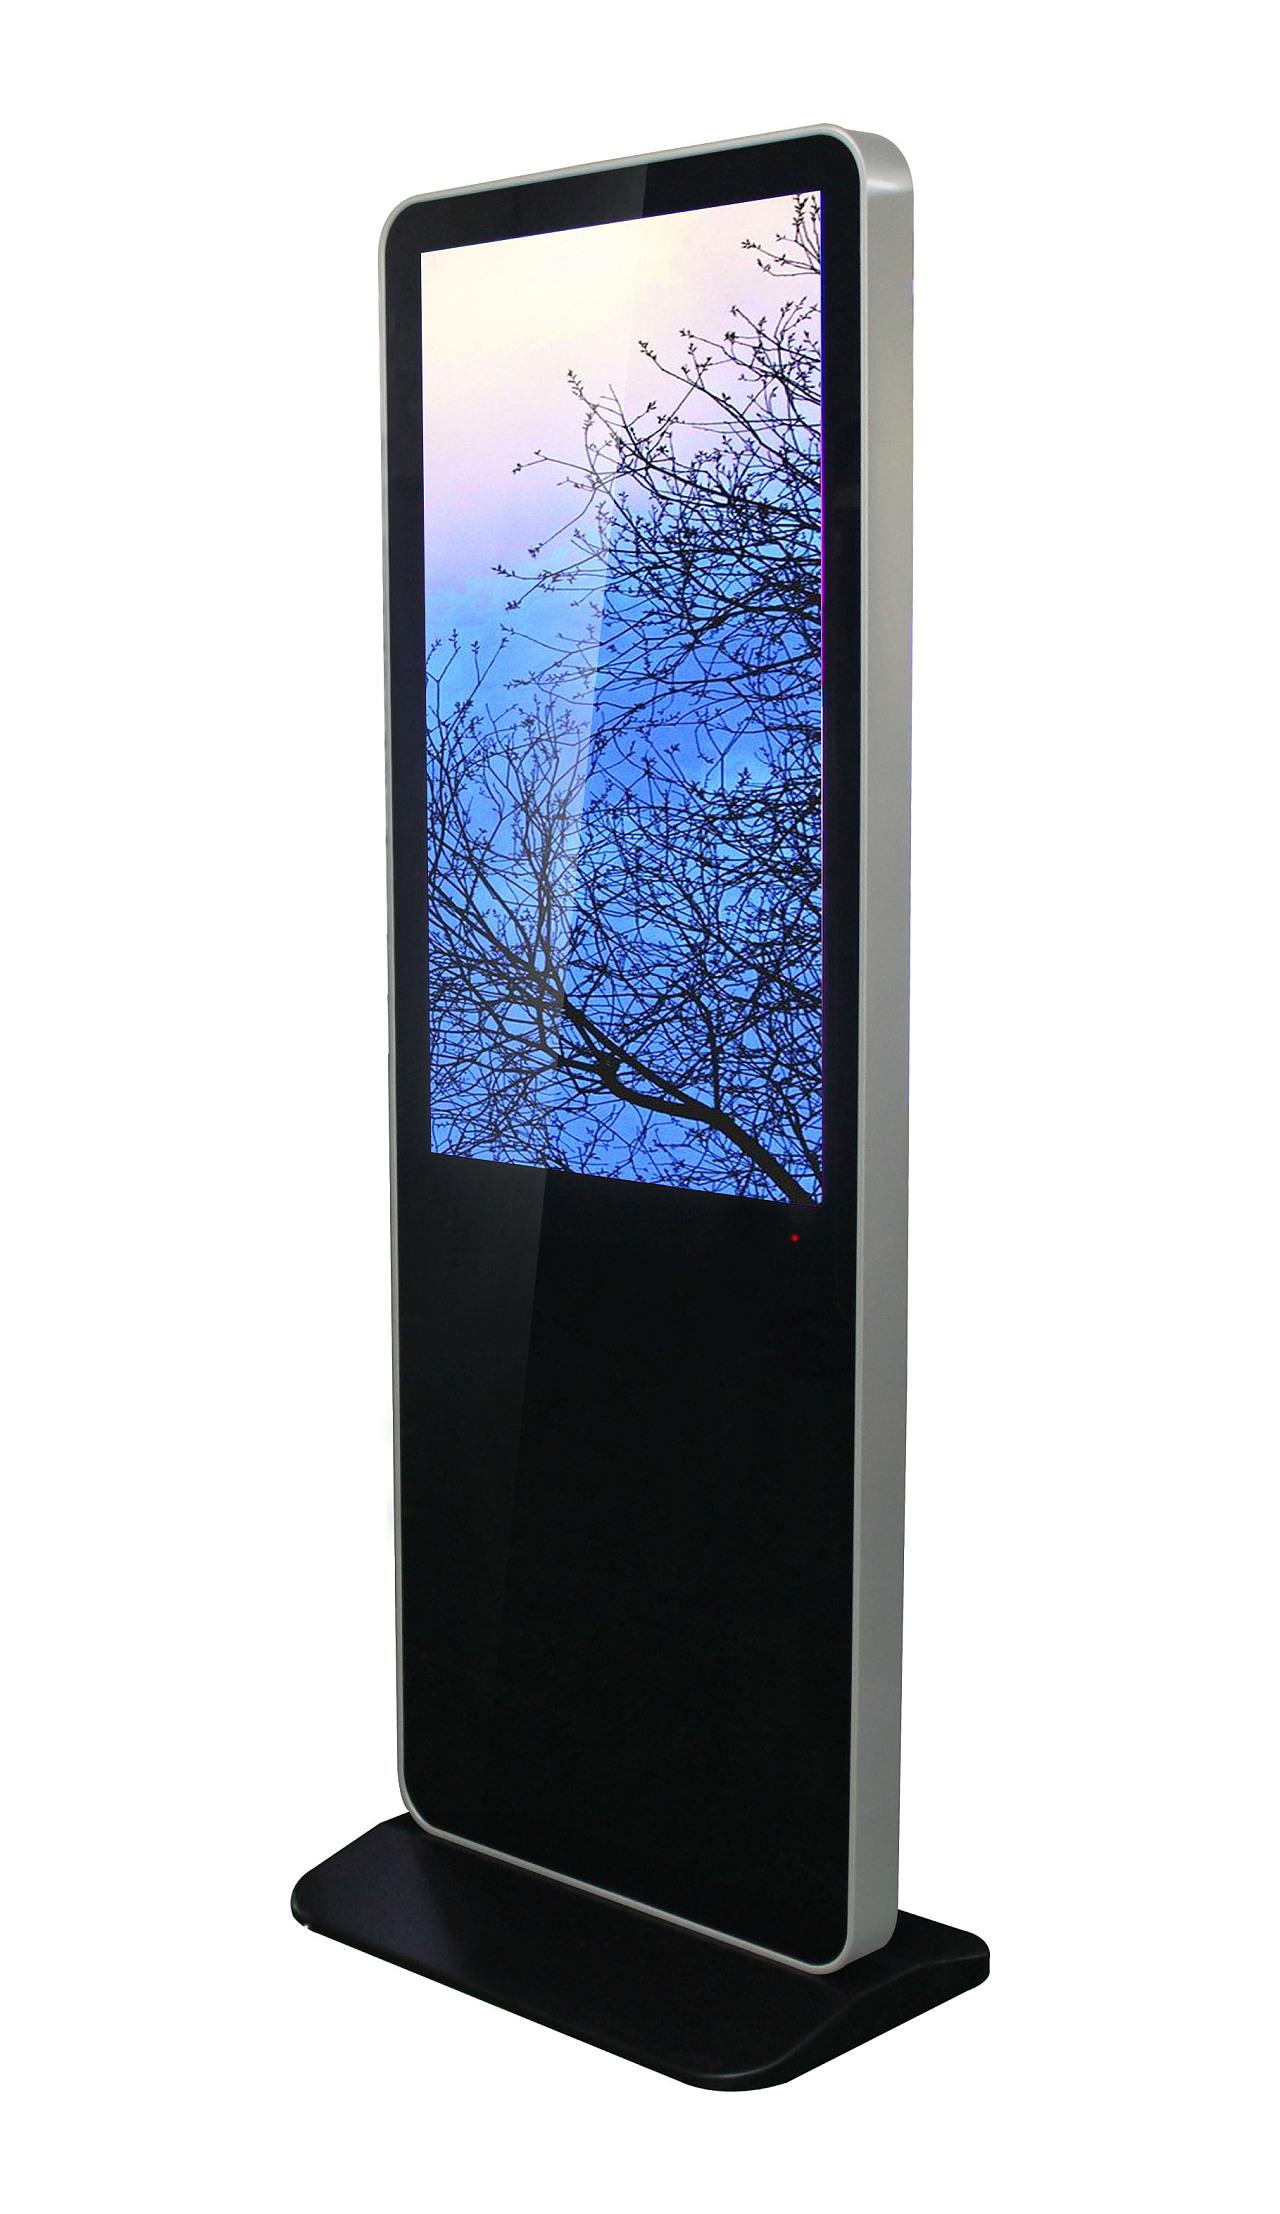 42寸立式液晶广告机 经典款